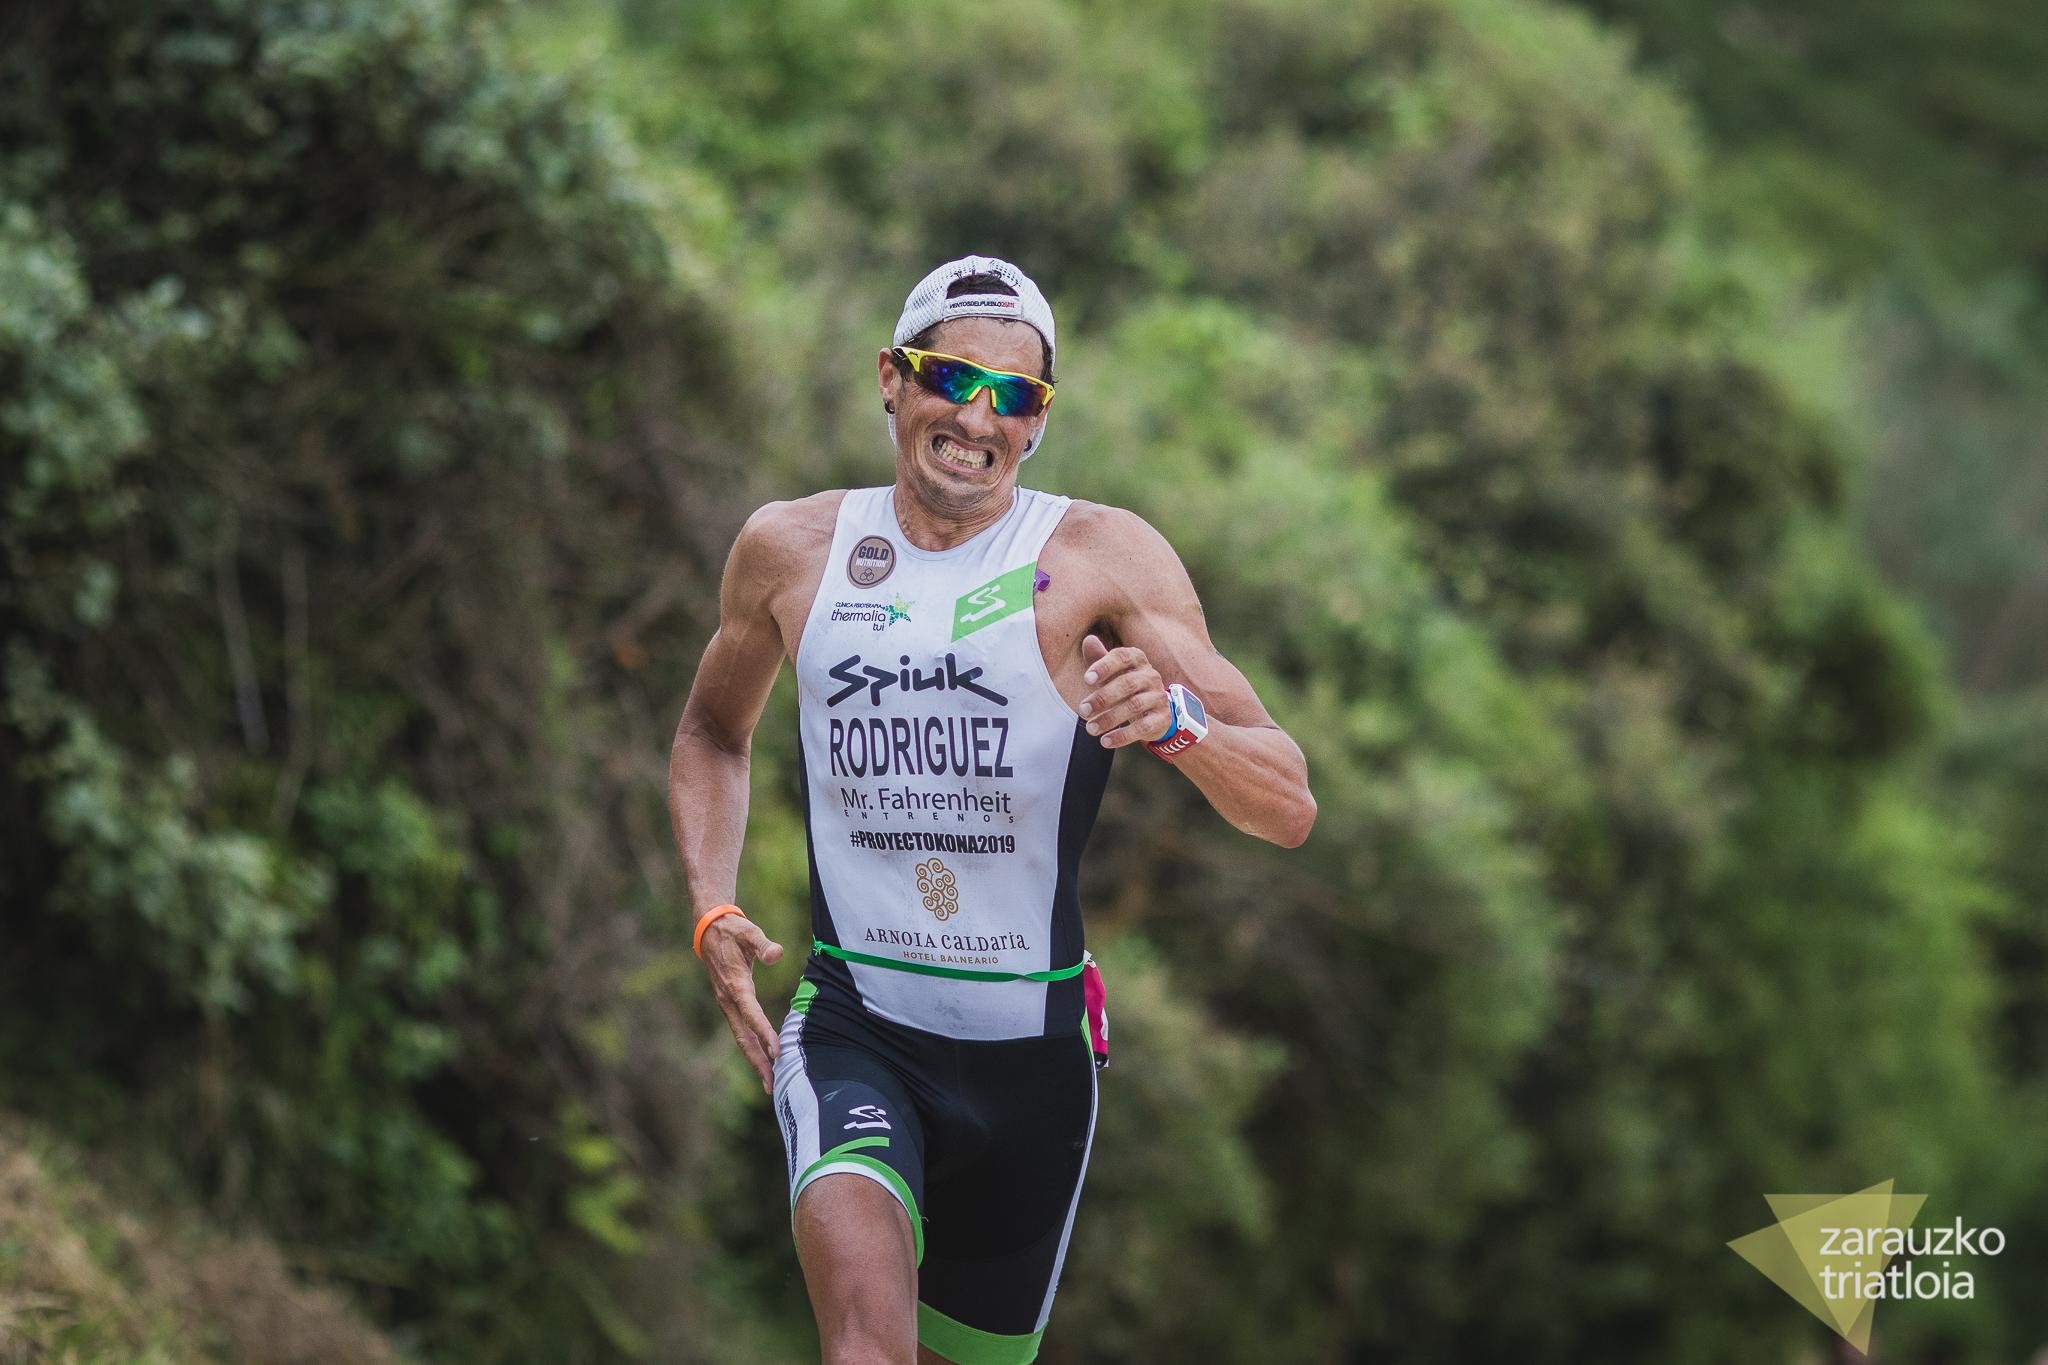 Zarauzko  Triatloia  2019:  Azoka,  Profesionalen  Solasaldia,  Triatleten  Afaria  Eta  Triatloi  Txikia